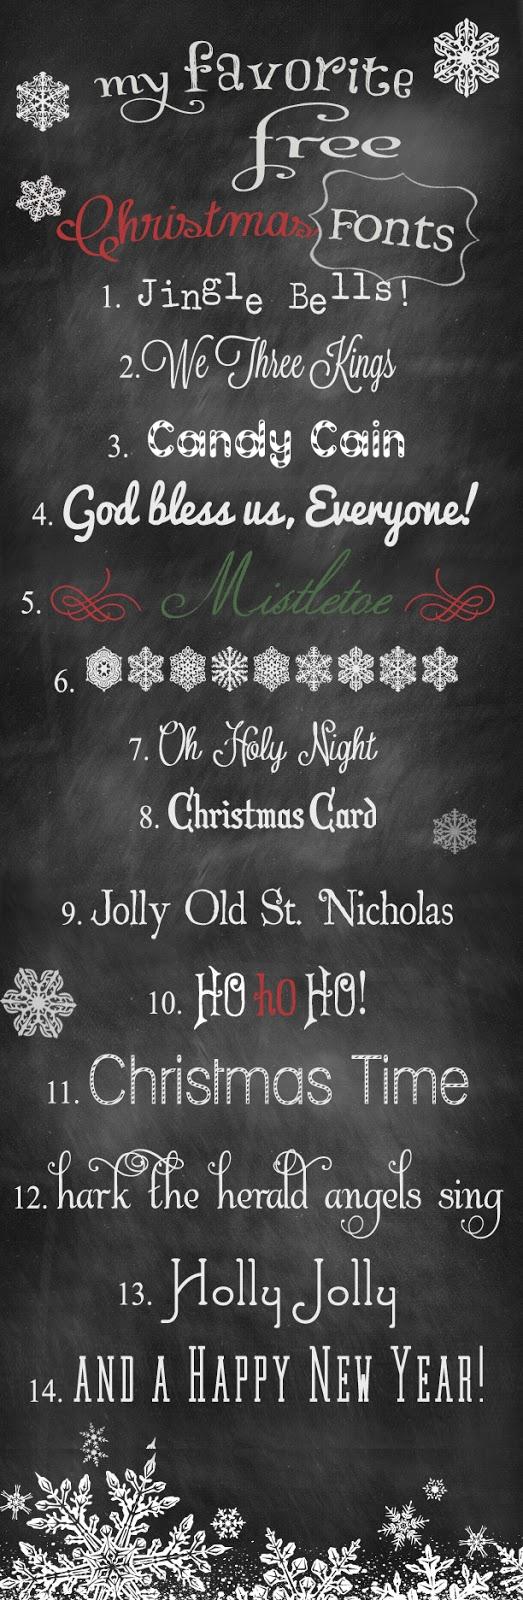 {Random} Free Christmas Fonts